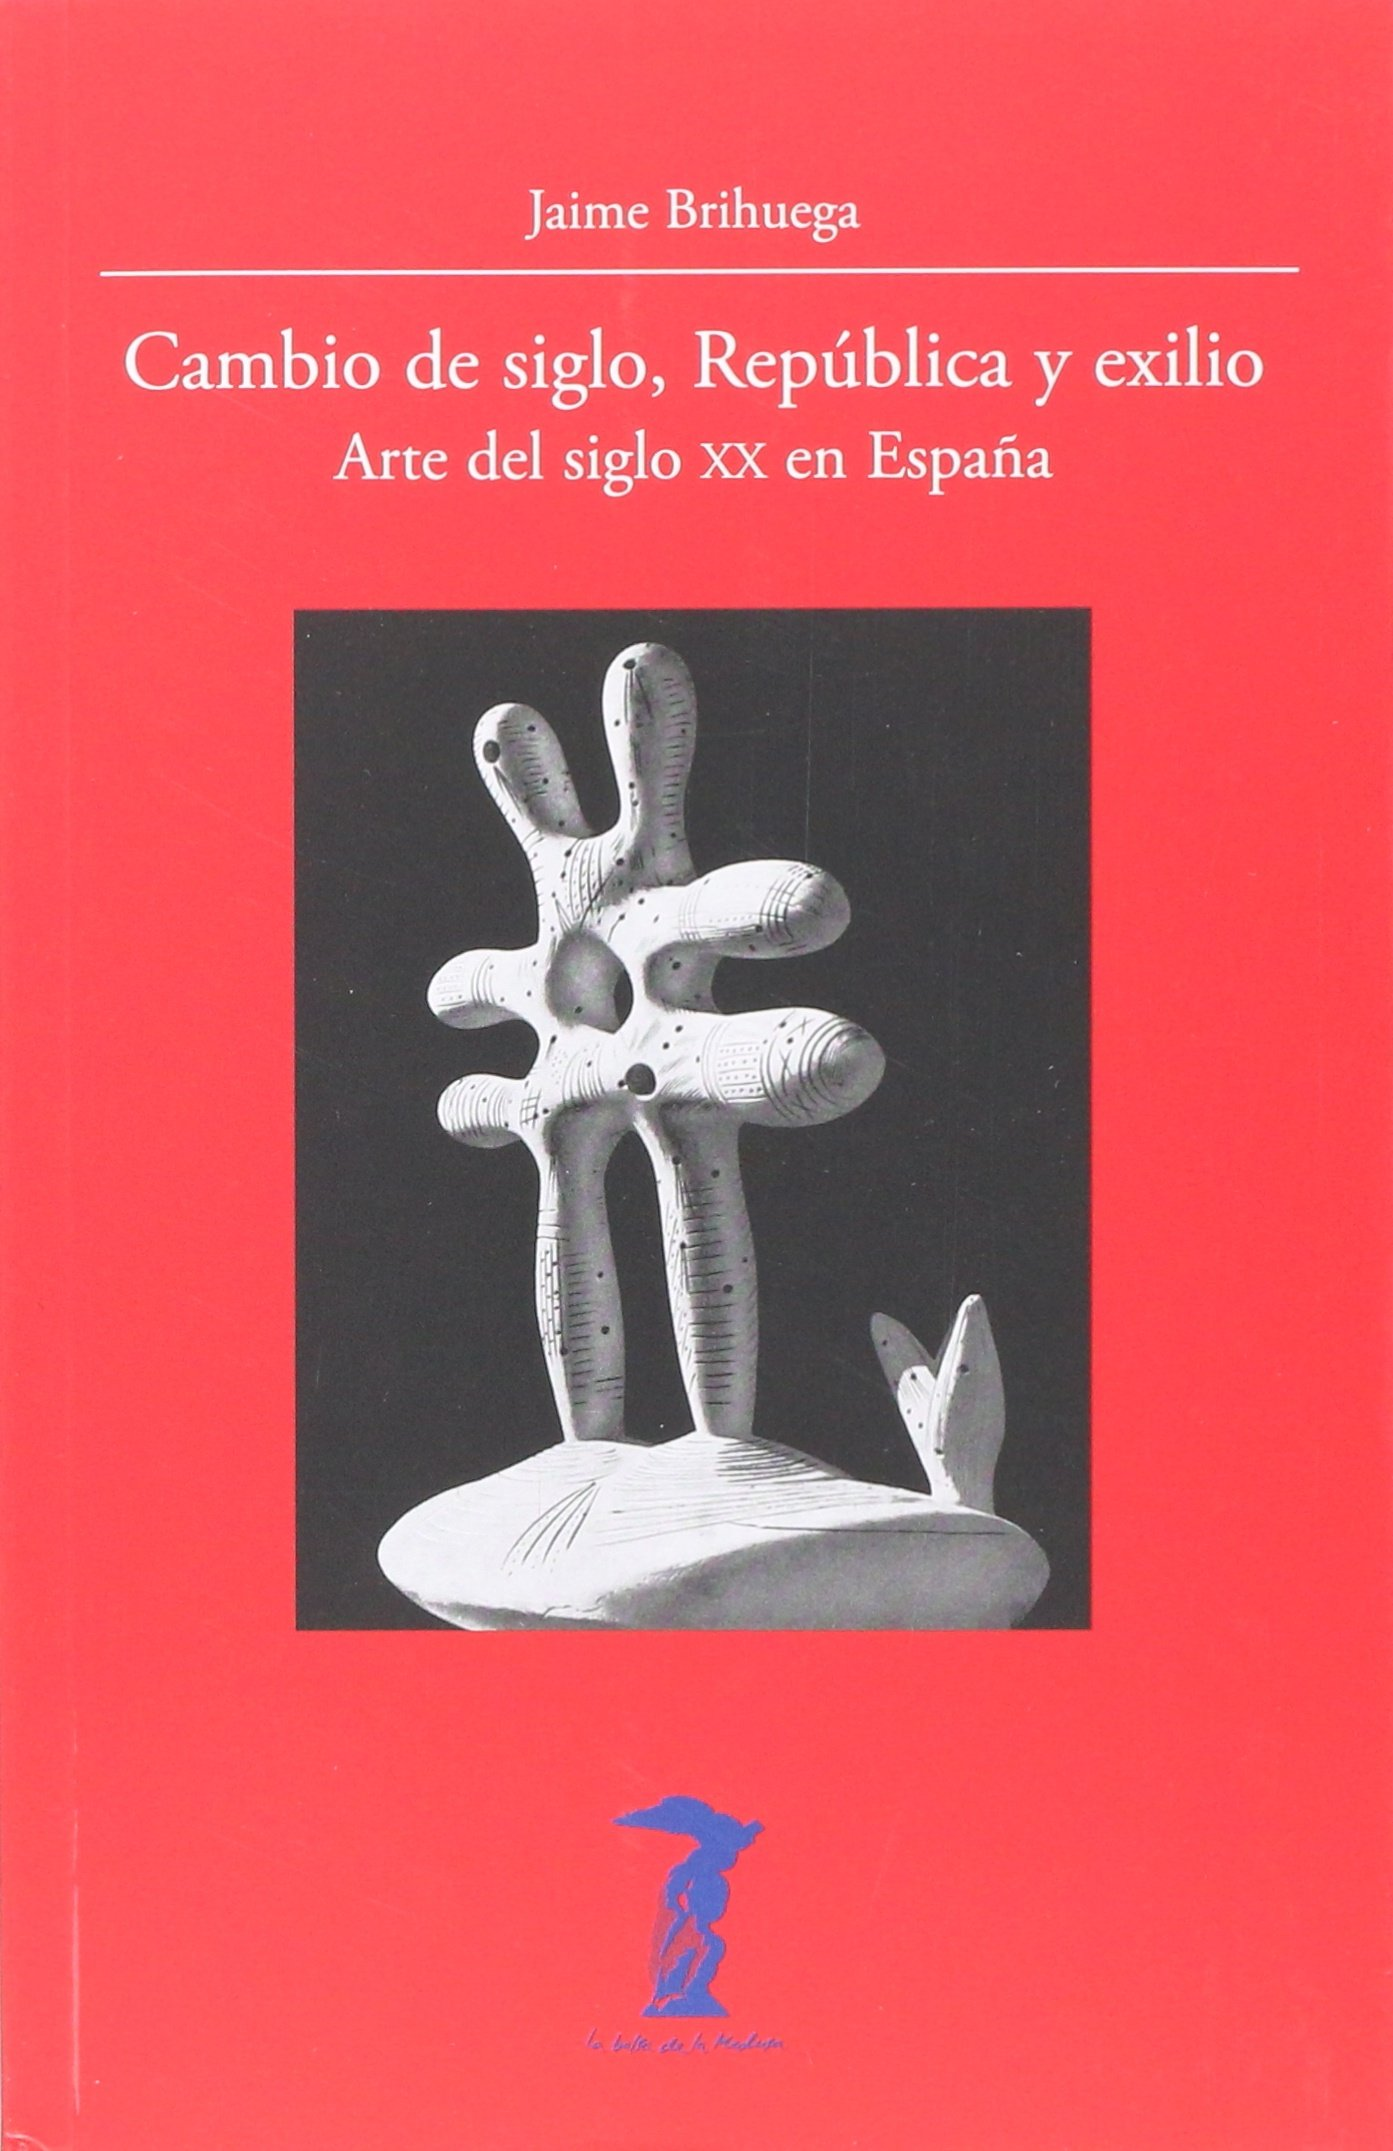 Cambio de siglo, República y exilio: Arte del siglo XX en España La balsa de la Medusa: Amazon.es: Brihuega, Jaime: Libros